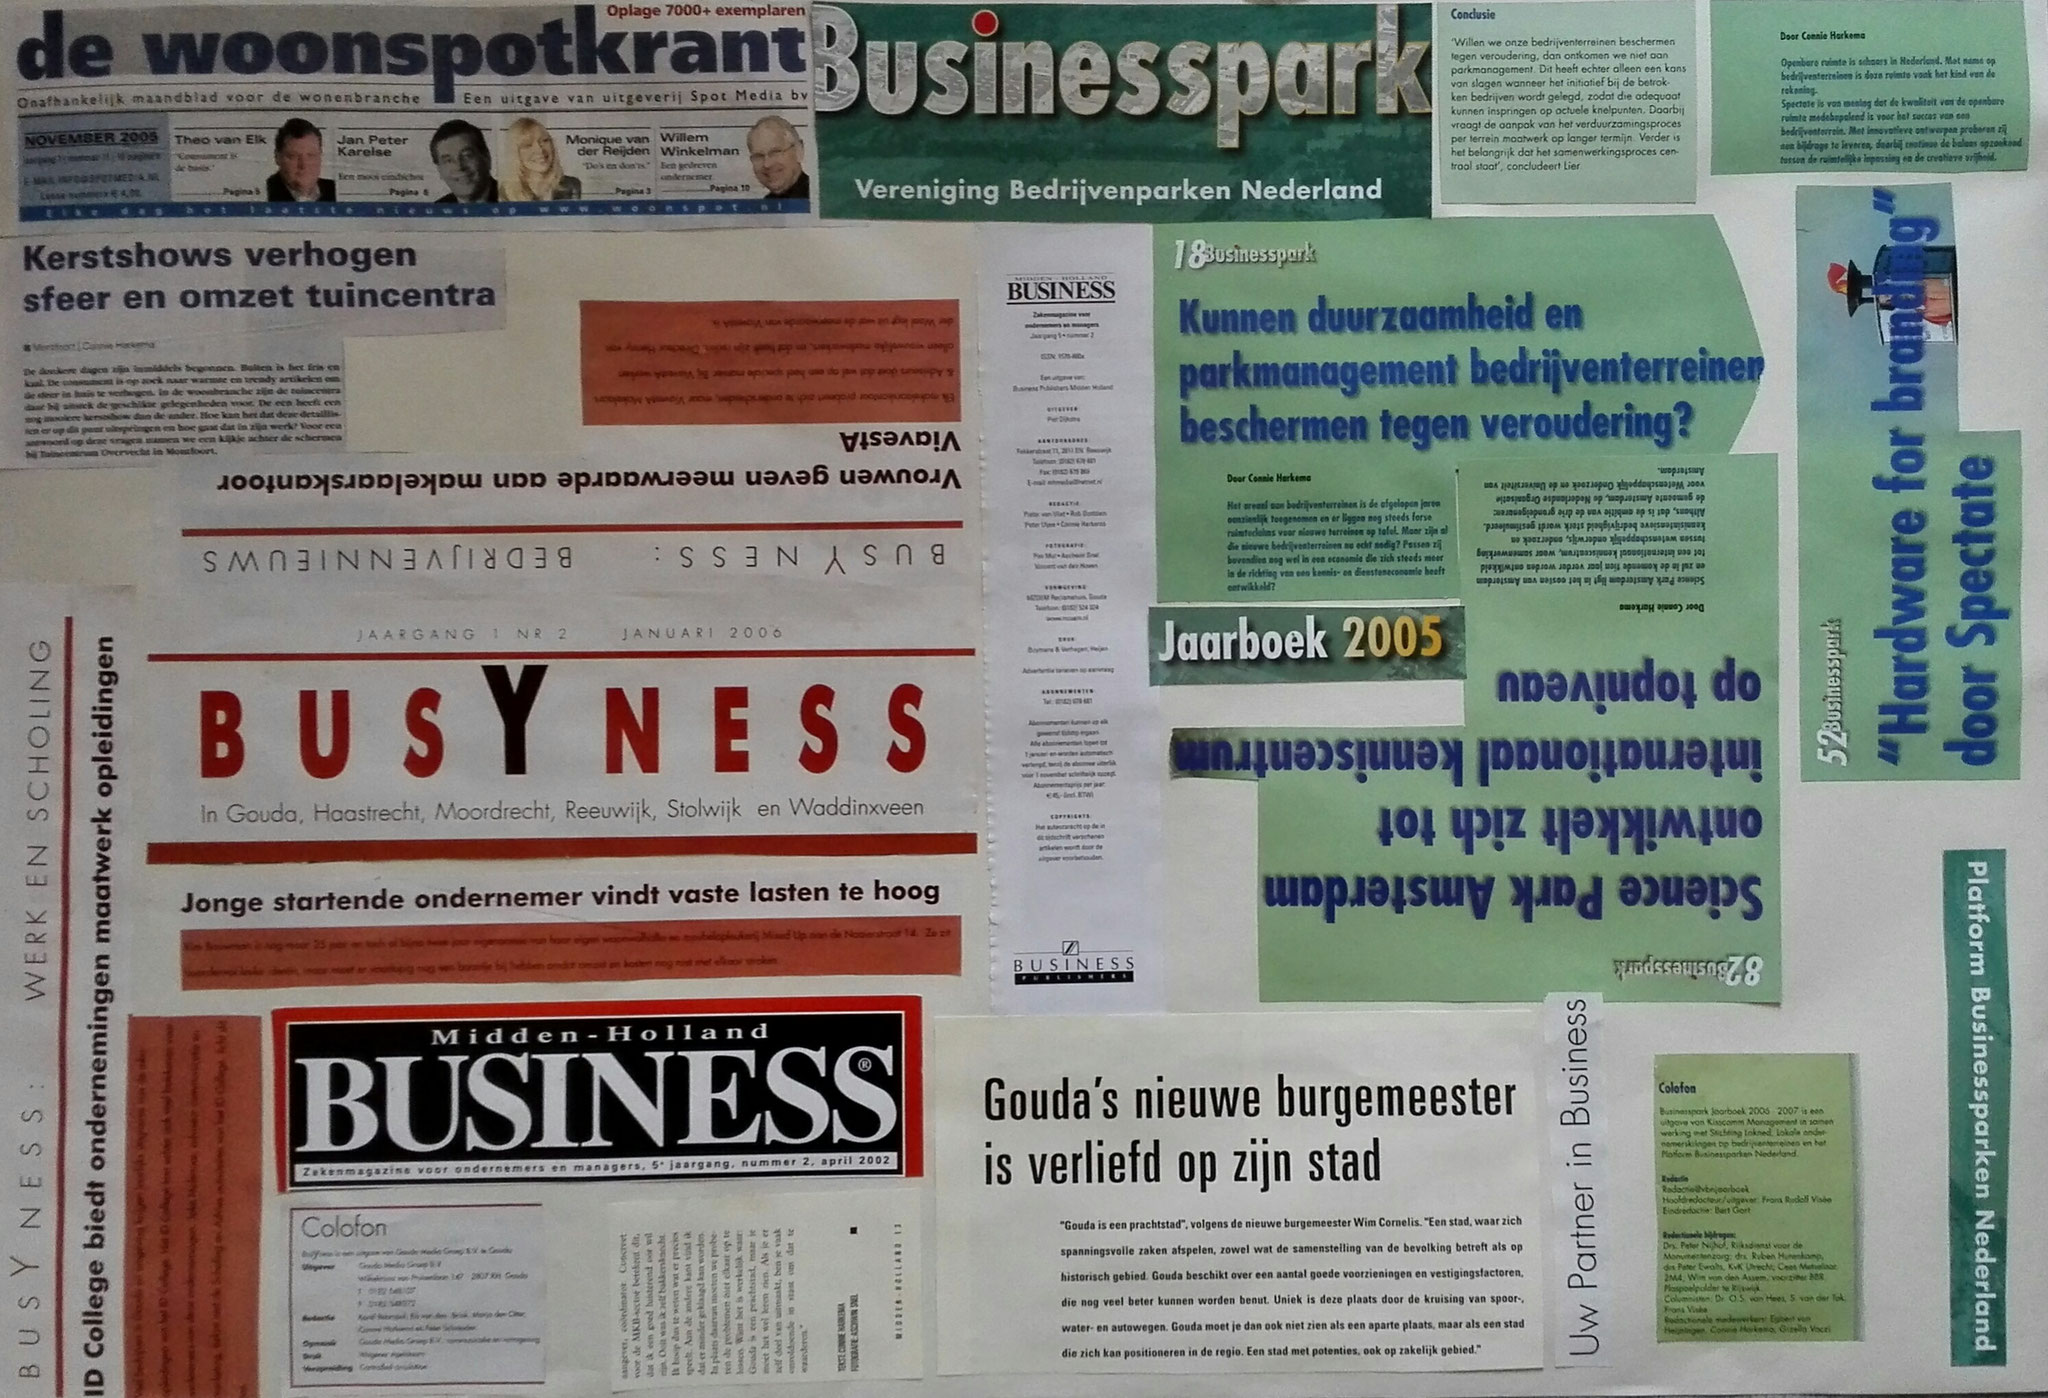 een samenstelling van stukjes tekst uit de zakenmagazines Business en BusYness, het jaarboek Businesspark en de Woonspotkrant.  De bijbehorende haiku luidt als volgt: Busy met business - Zakenpartners onderling - Bedrijfsmatig werk